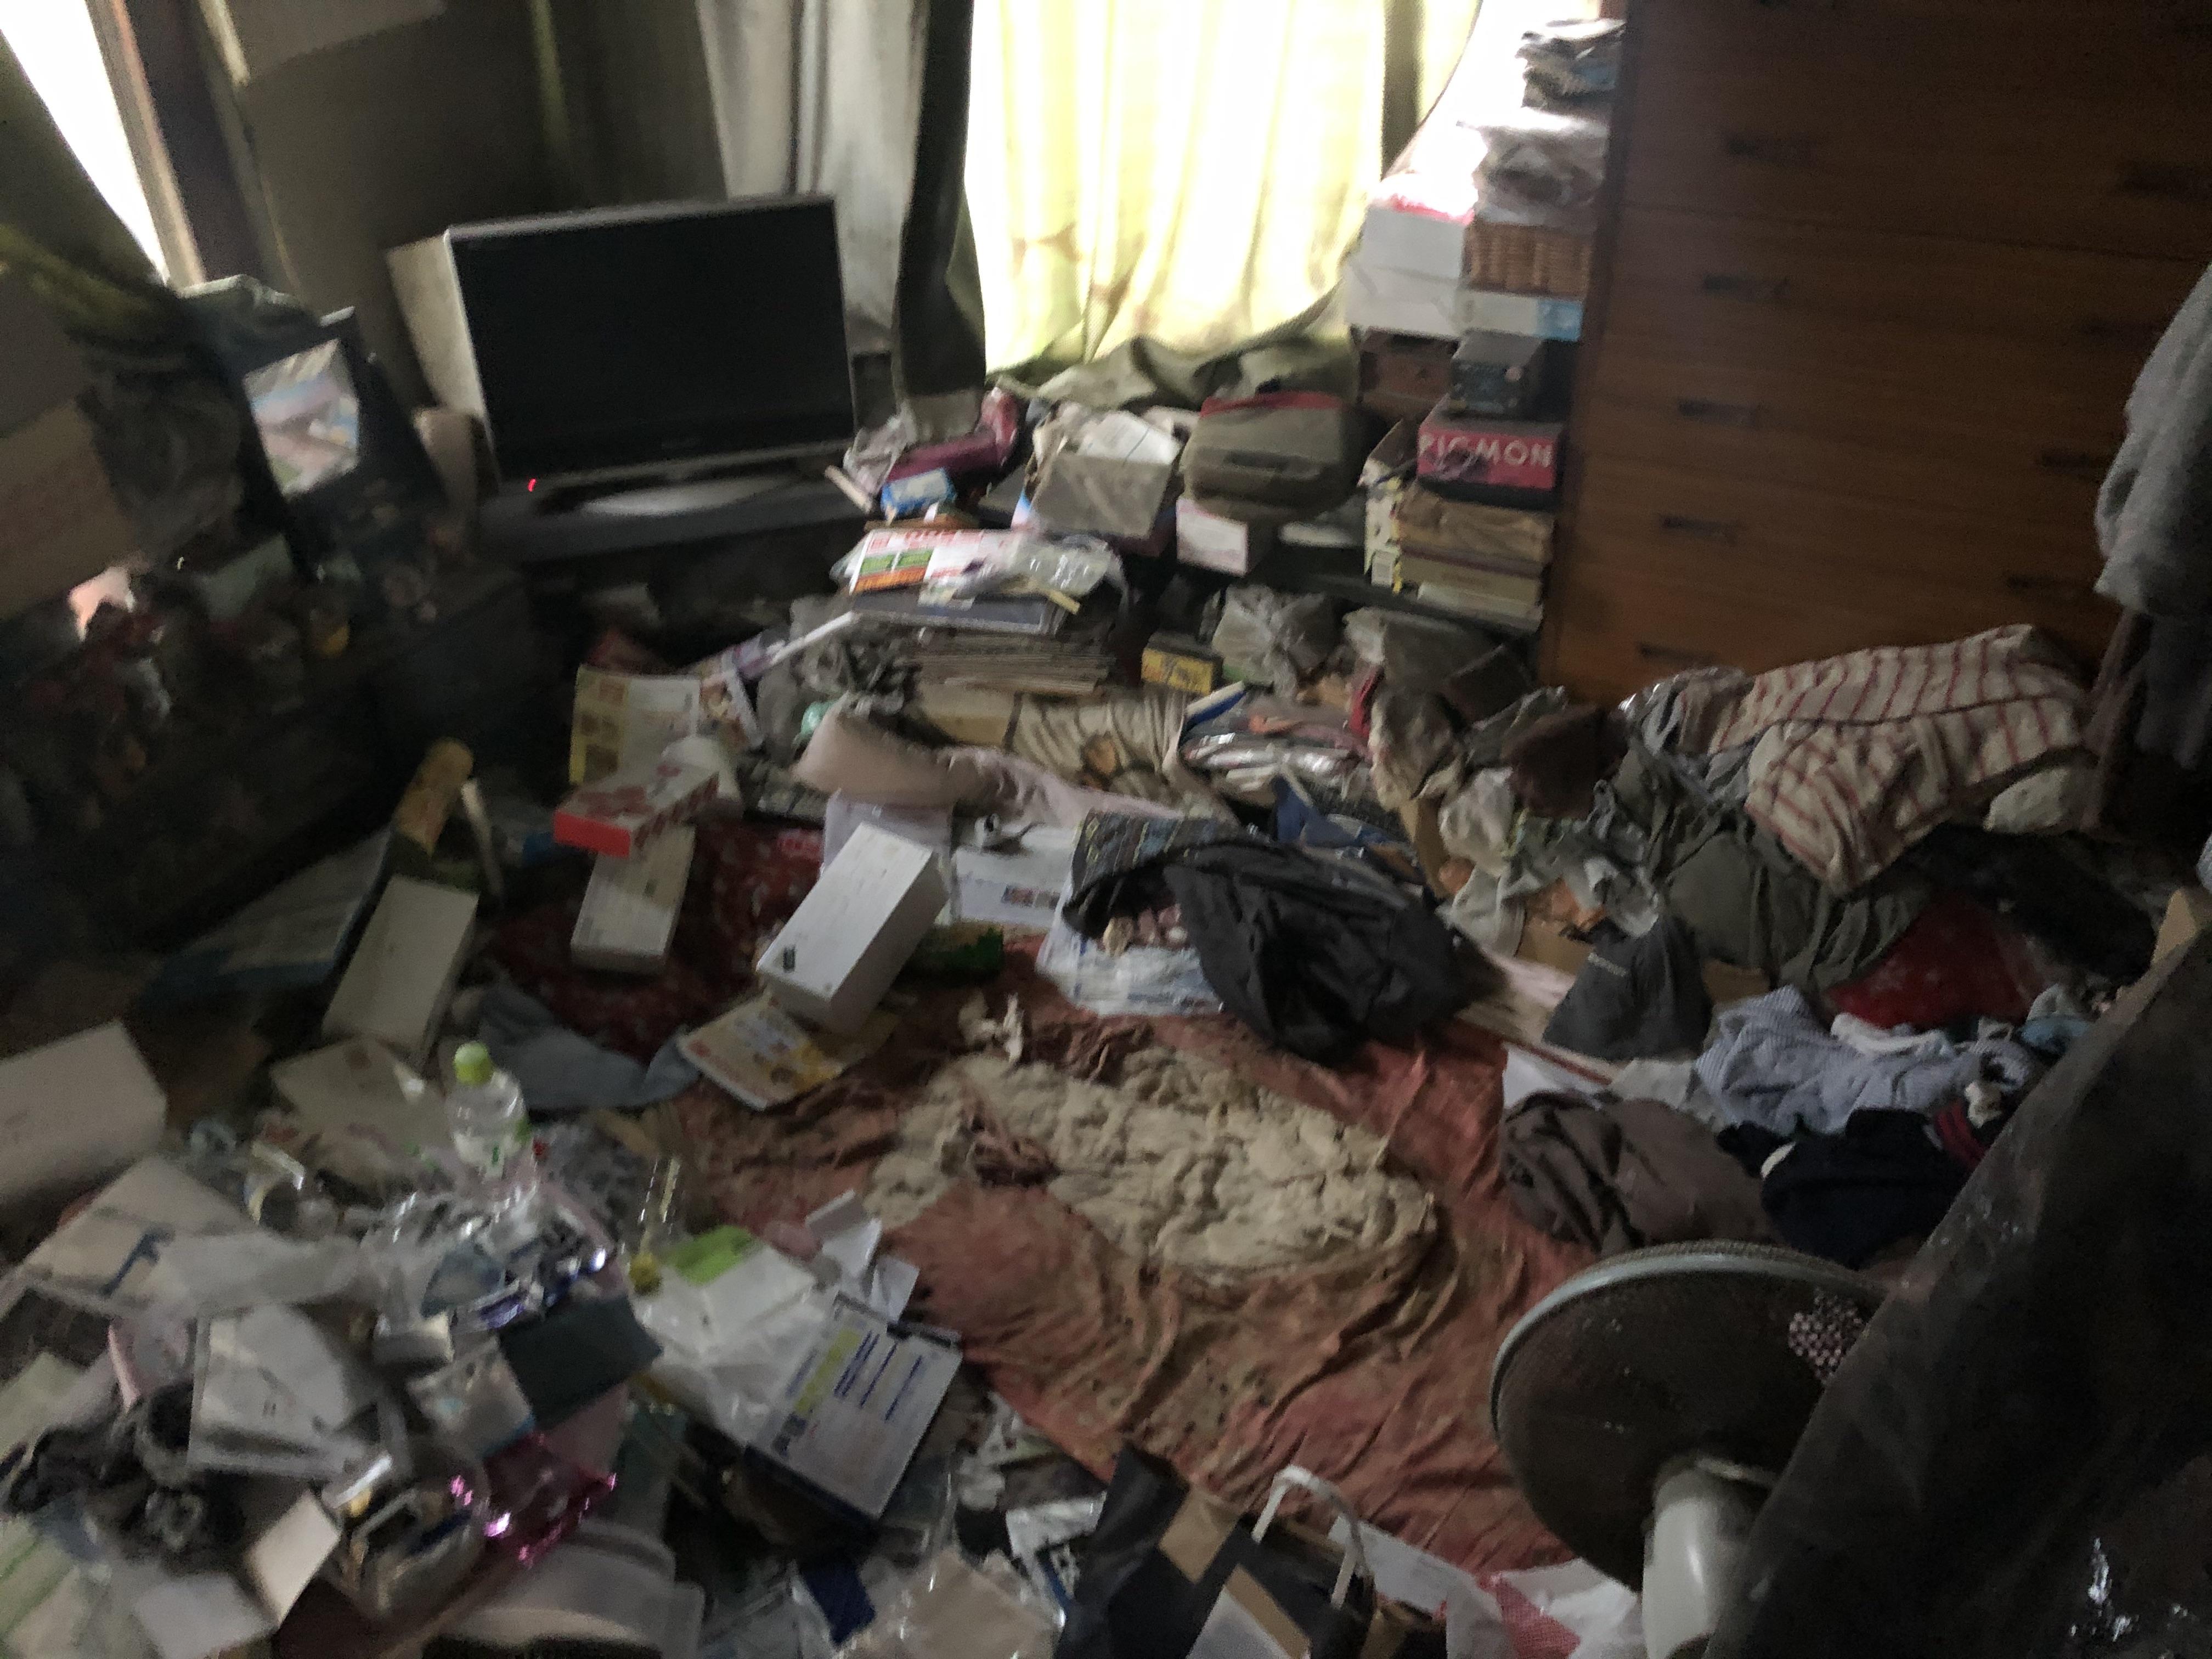 室内のゴミ清掃です